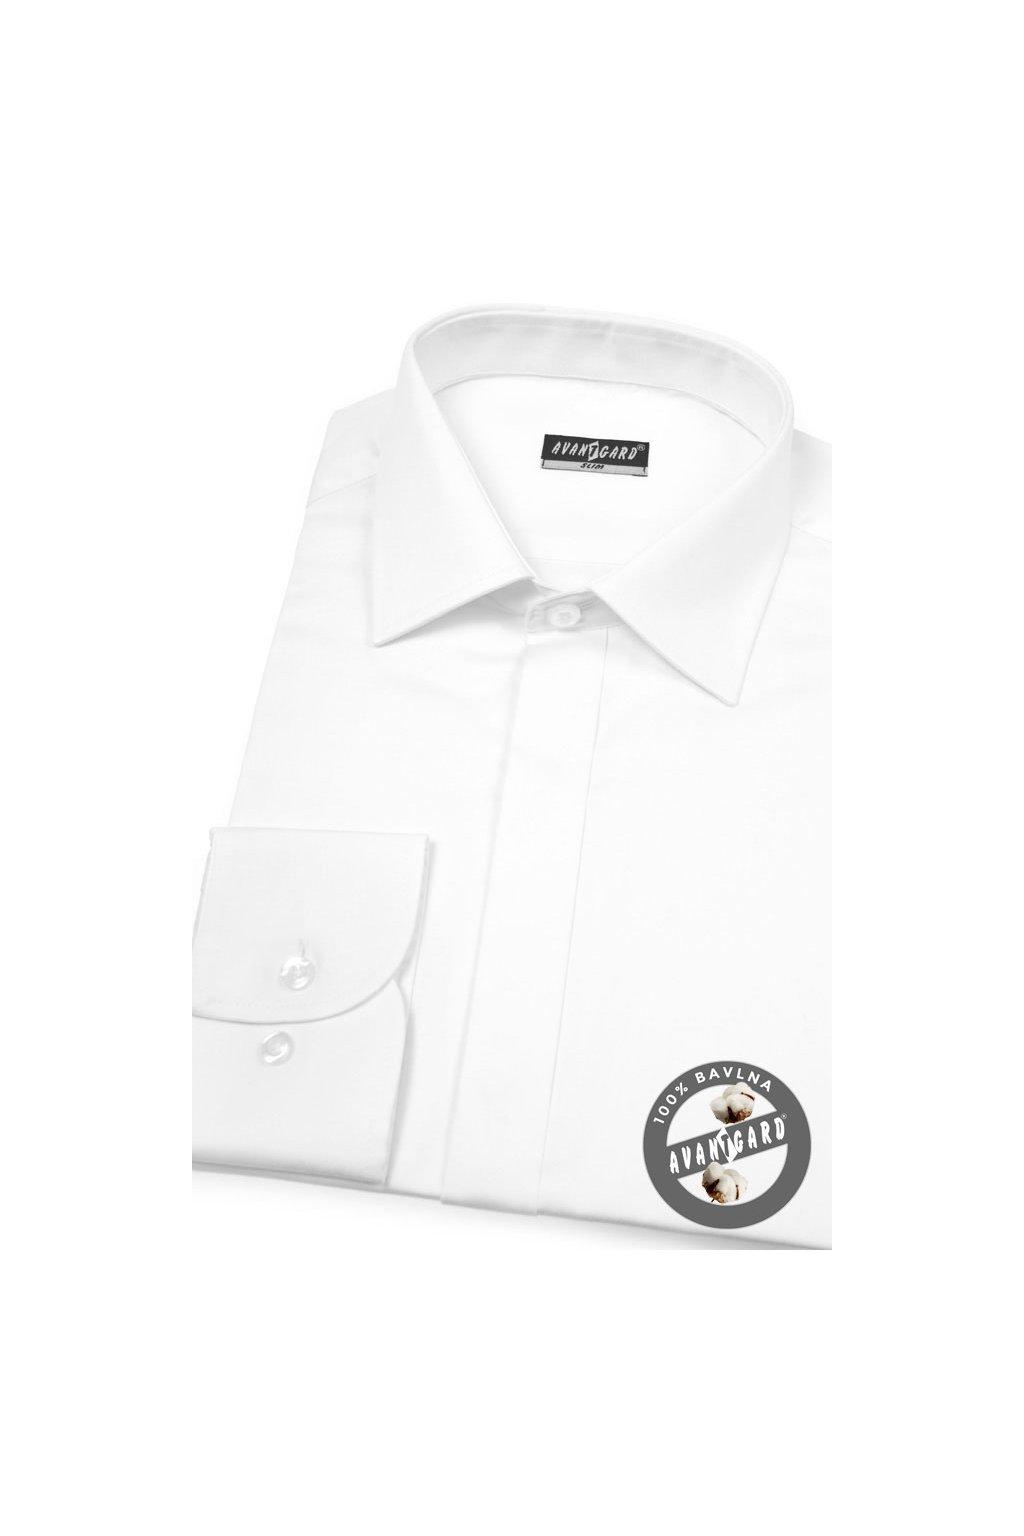 Pánská košile SLIM s krytou légou bílá hladká s leskem 172 - 111